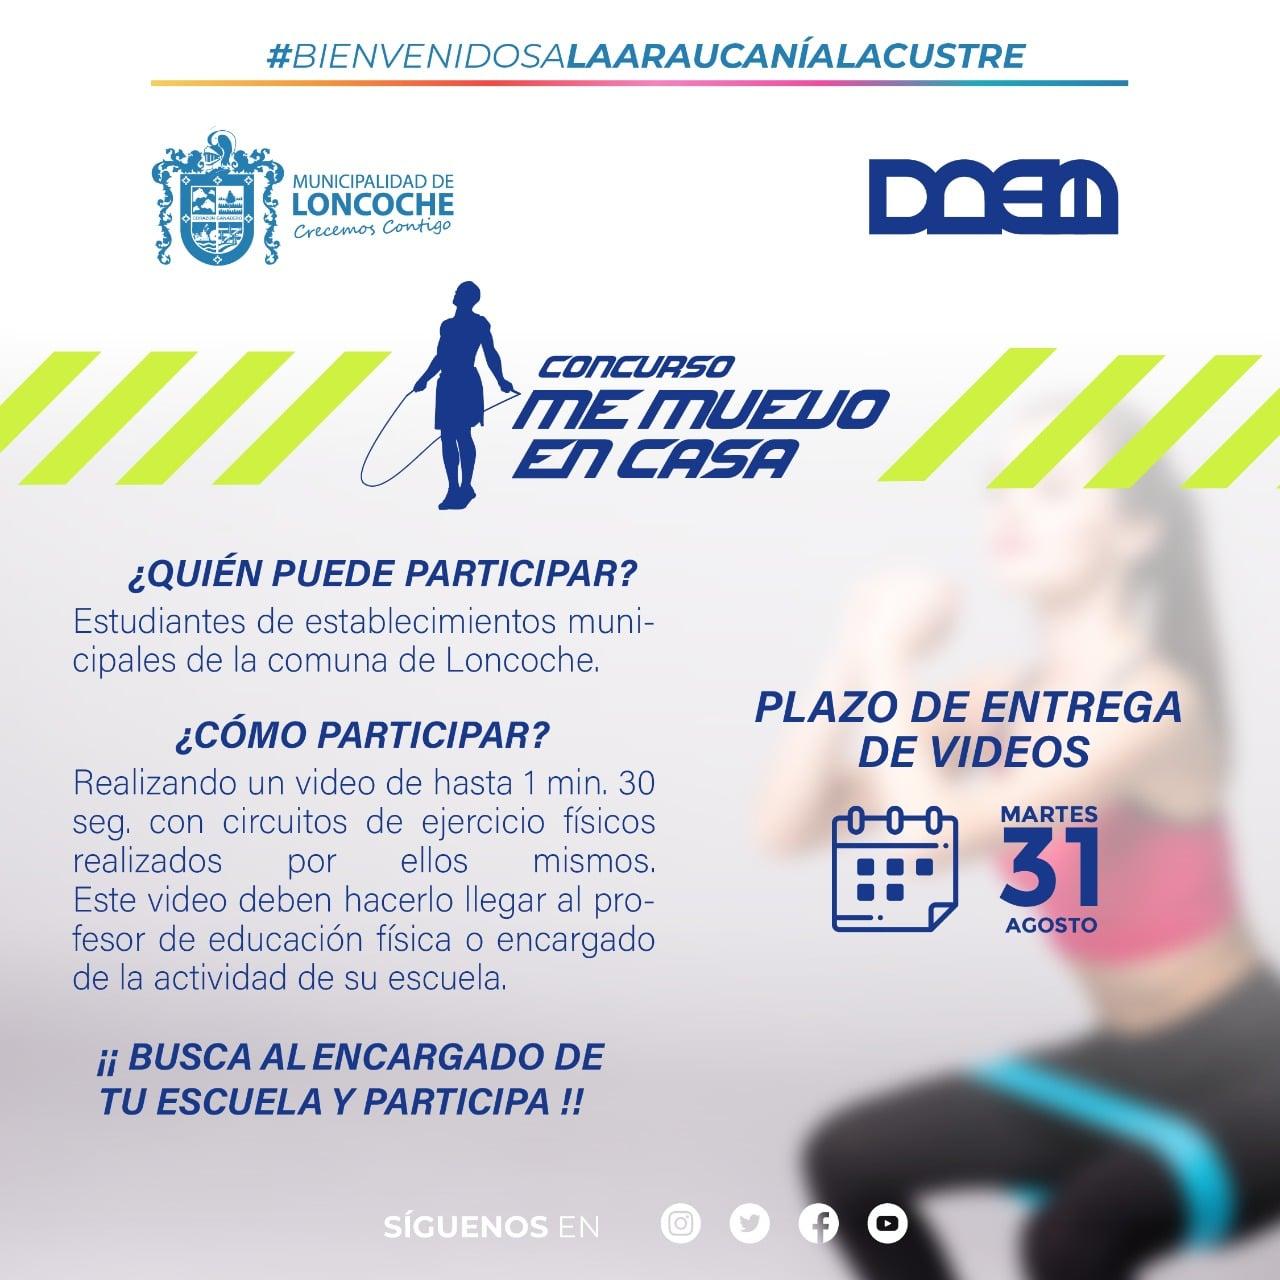 Estás buscando realizar alguna actividad física? te invitamos a participar activamente desde tu hogar en el siguiente concurso!!! 🦹♂️🤸♂️🤸